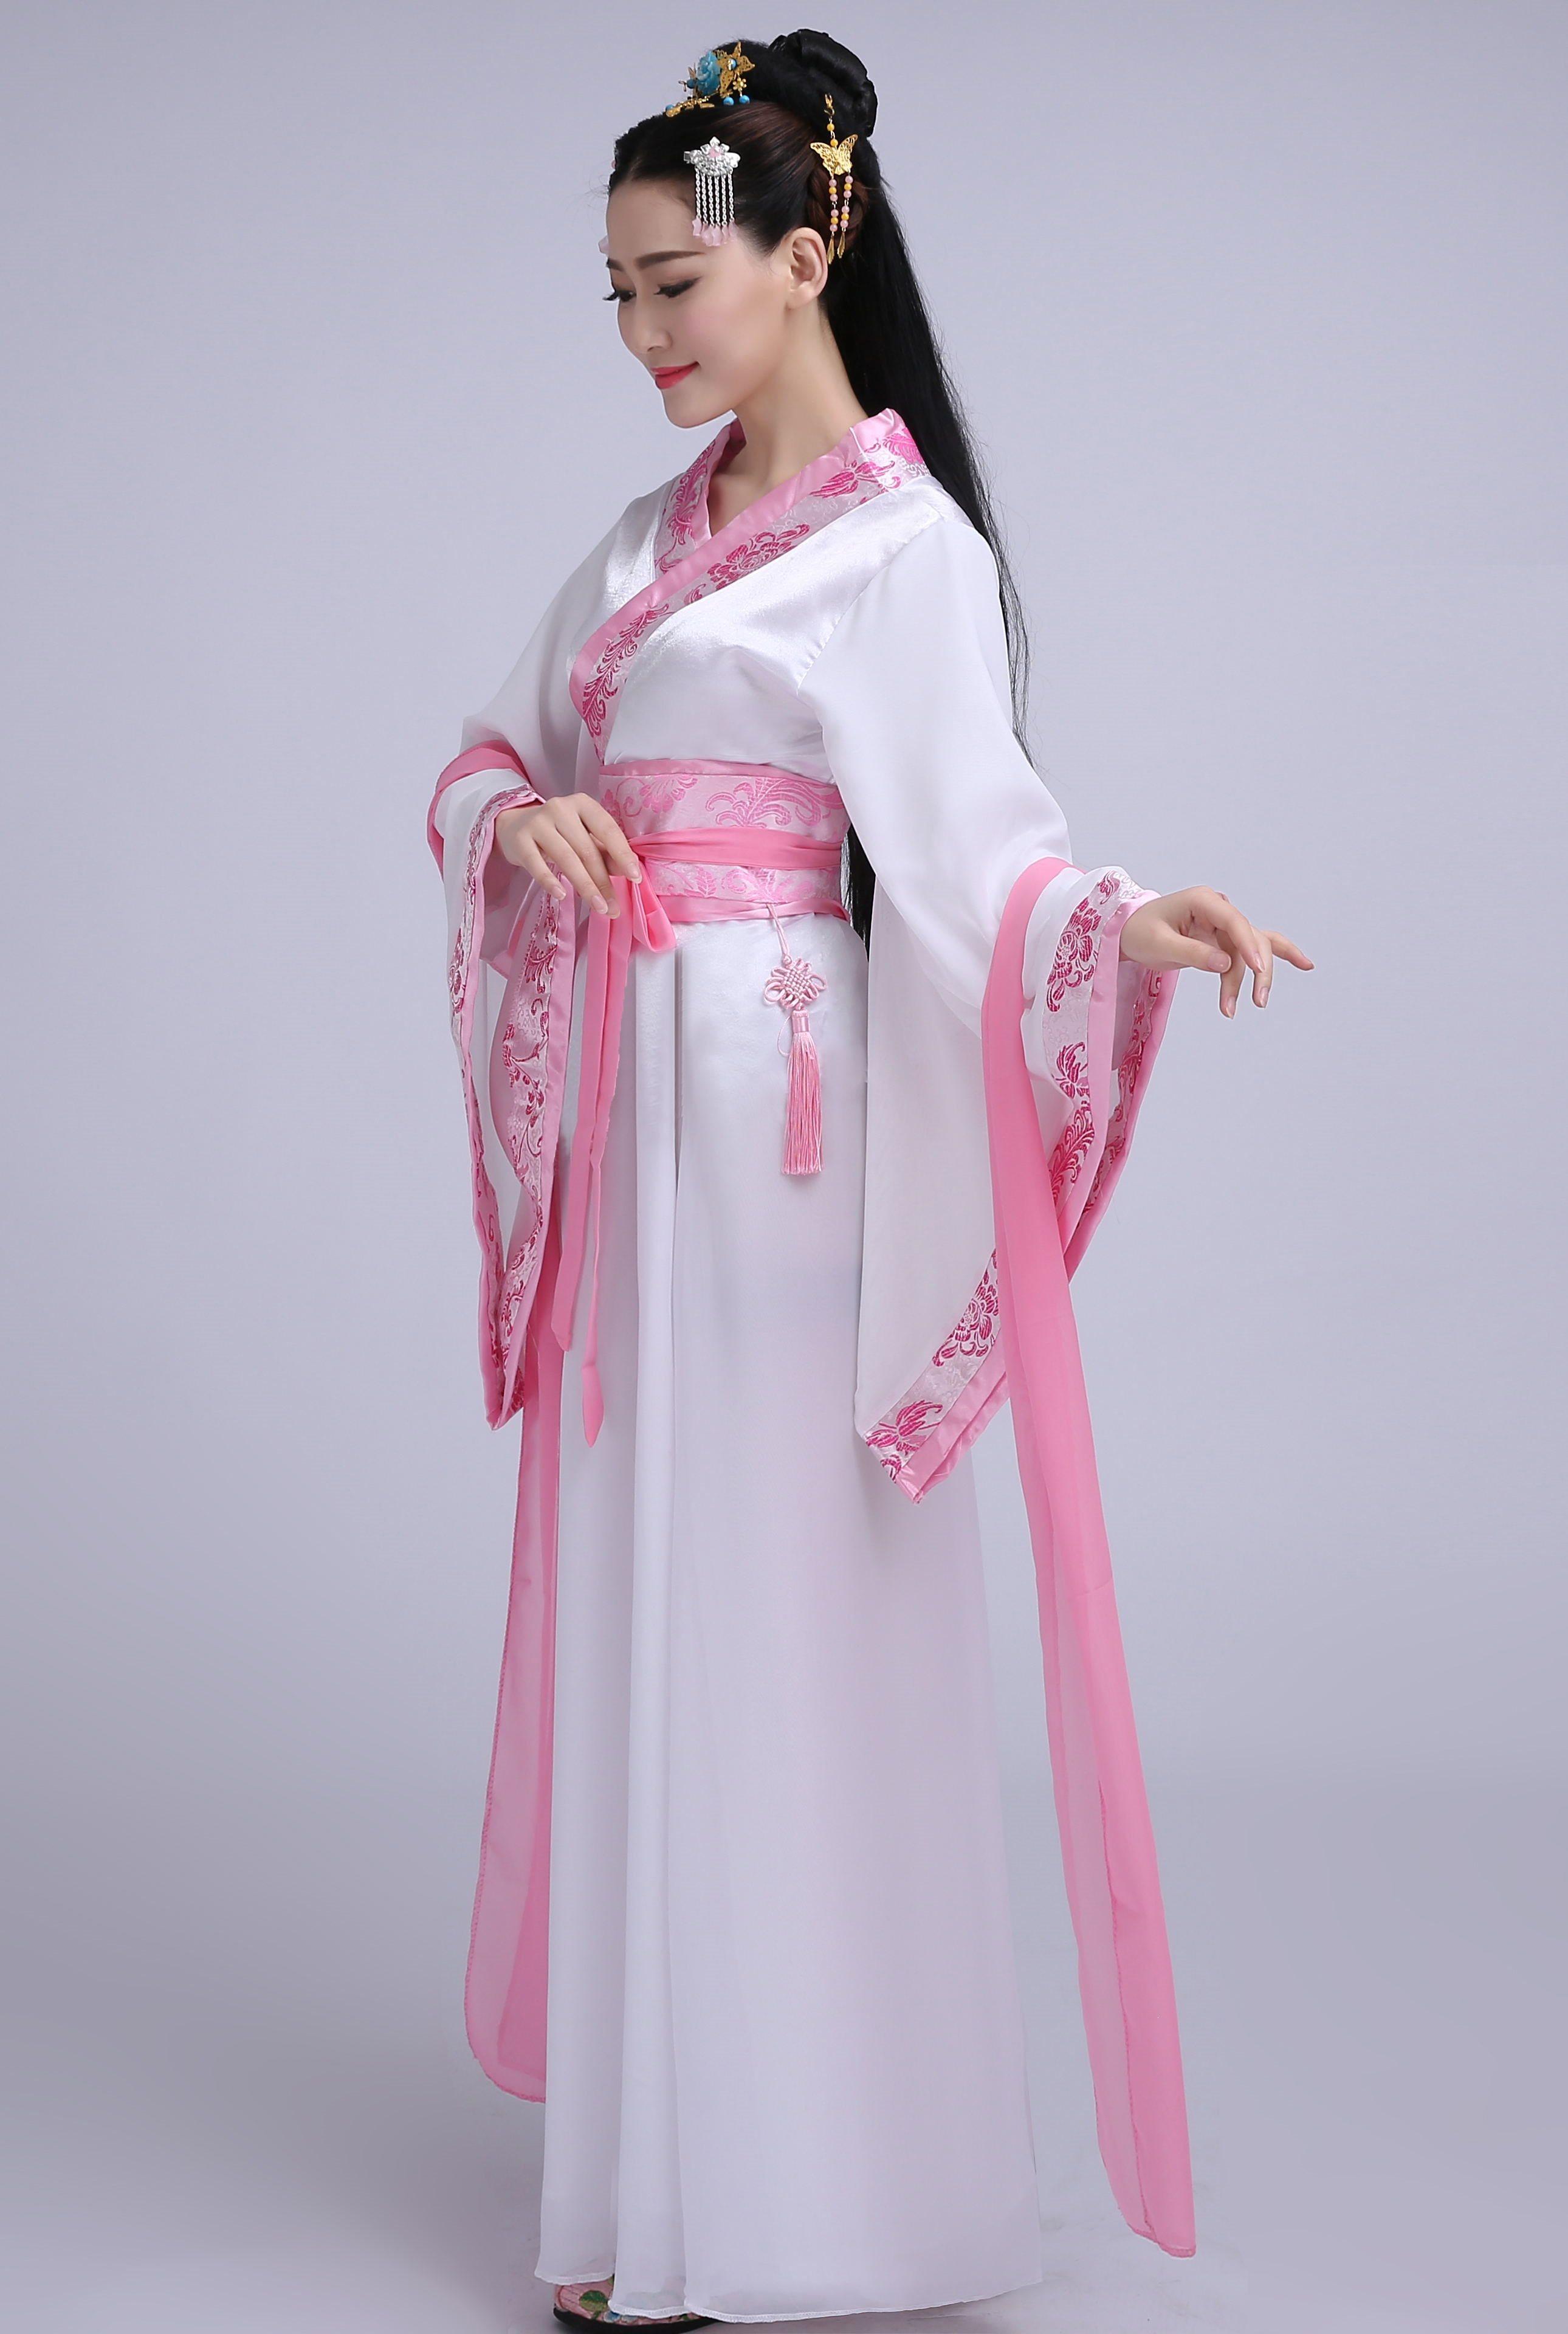 古装学生仙女装表演服古代公主古筝汉服影楼写真服装唐装